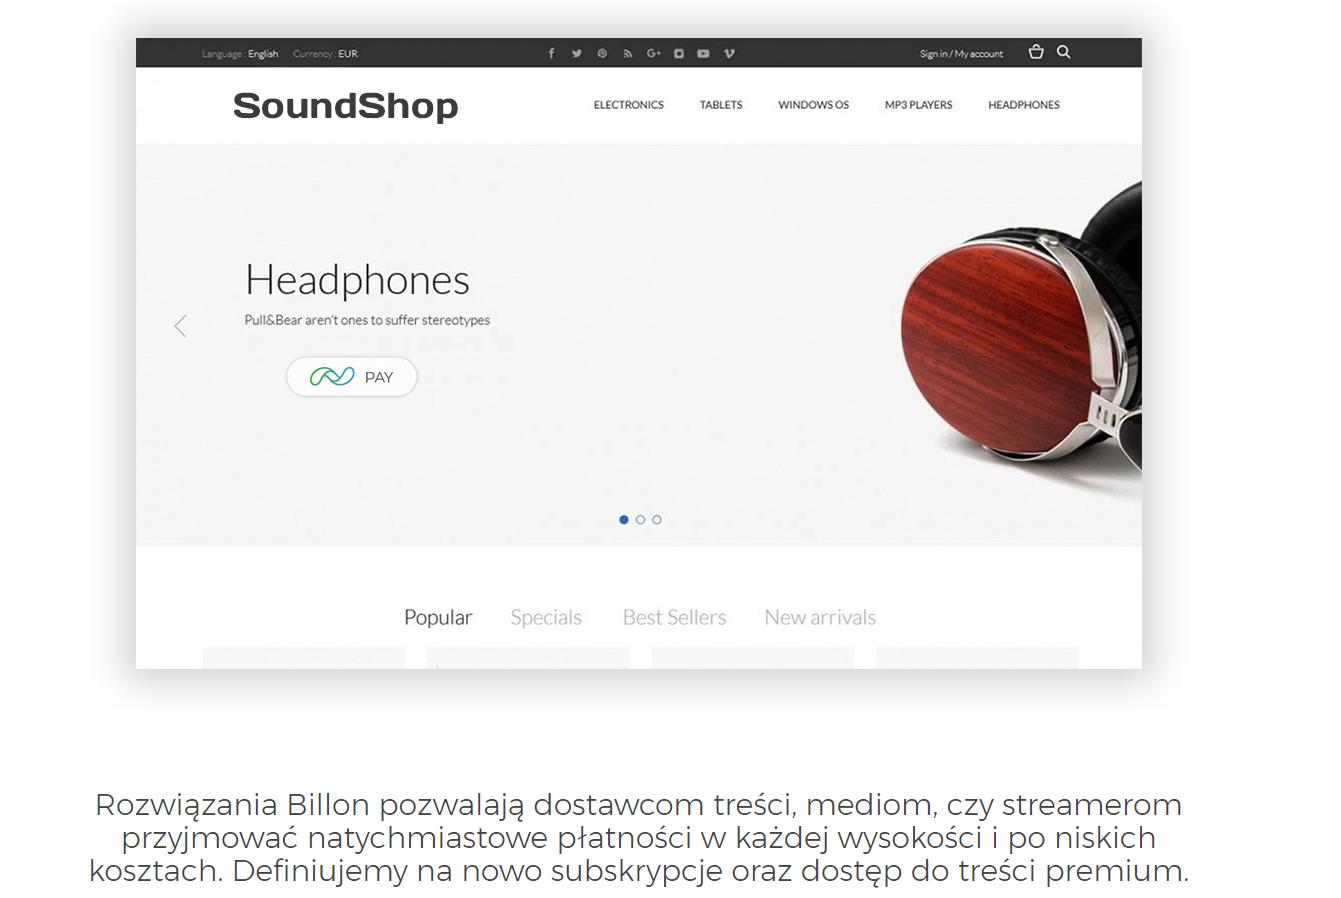 soundshop headphones